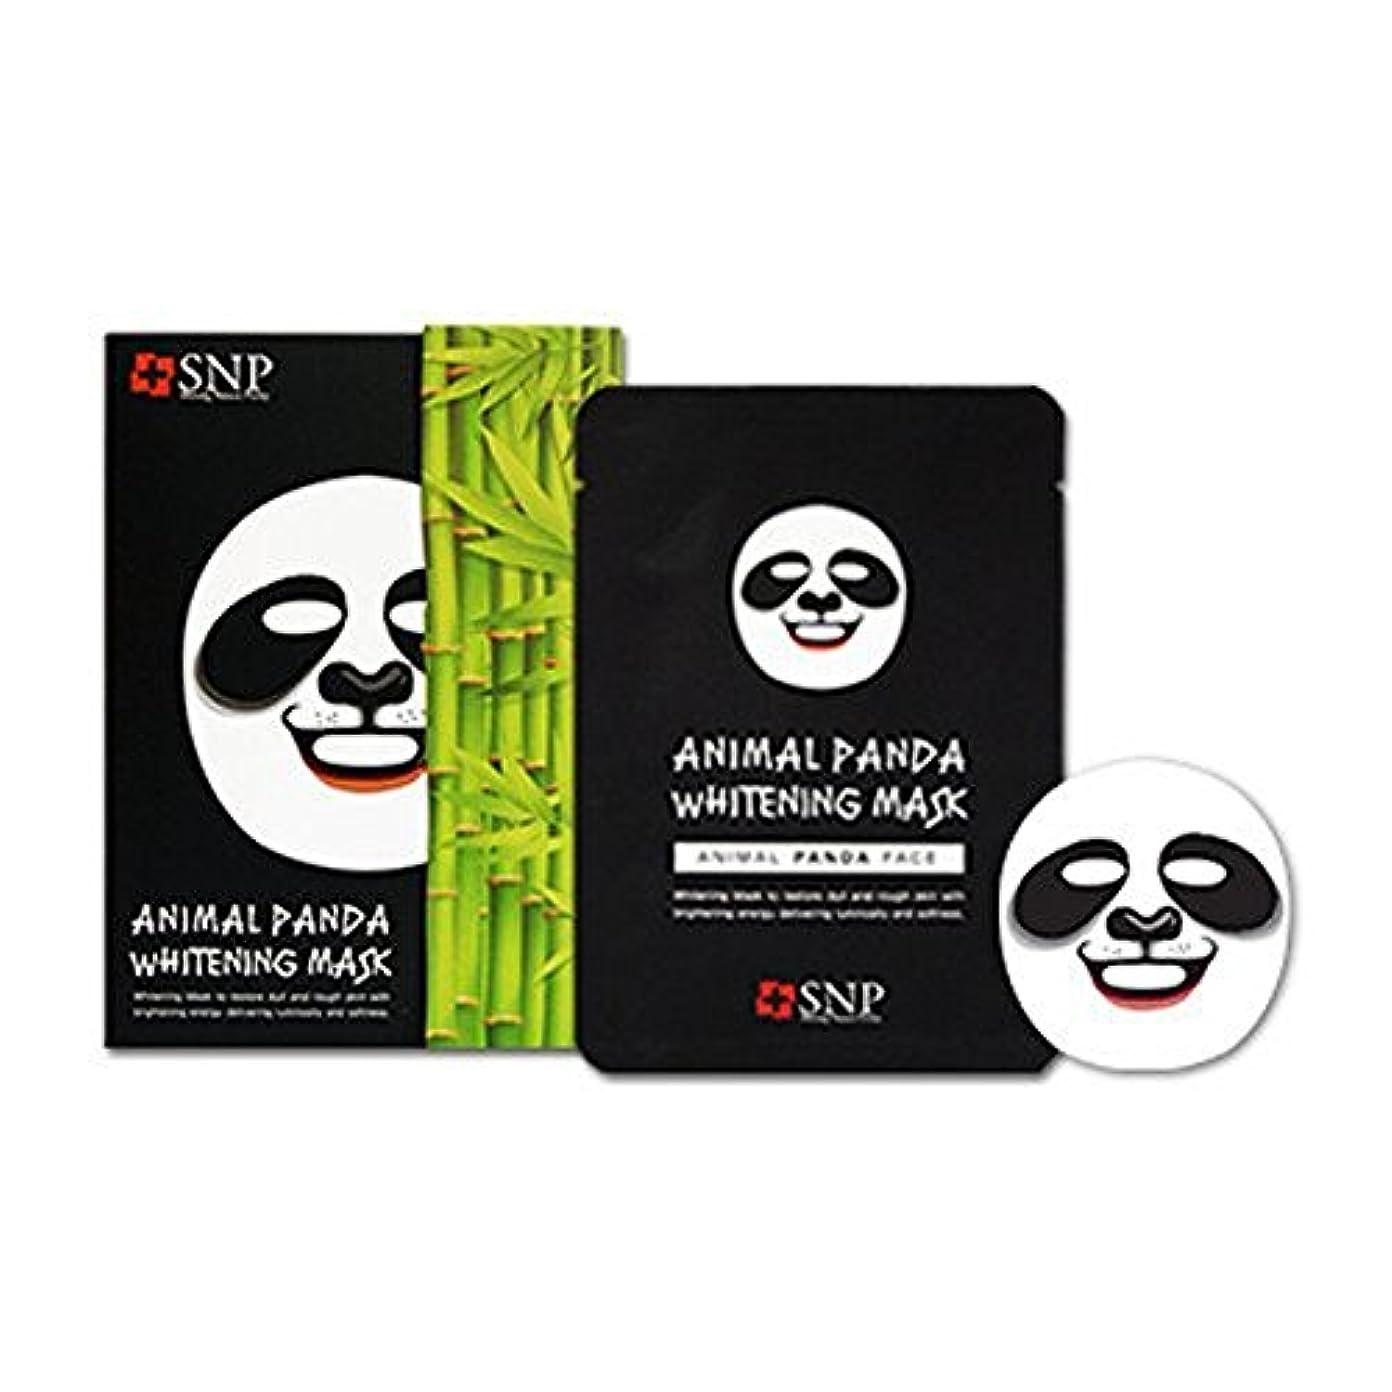 織る世界的にオープニングSNP エスエンピ 動物マスクシート 10枚入り1box (Animal Mask 10 sheet) 海外直送品 (パンダ Panda)